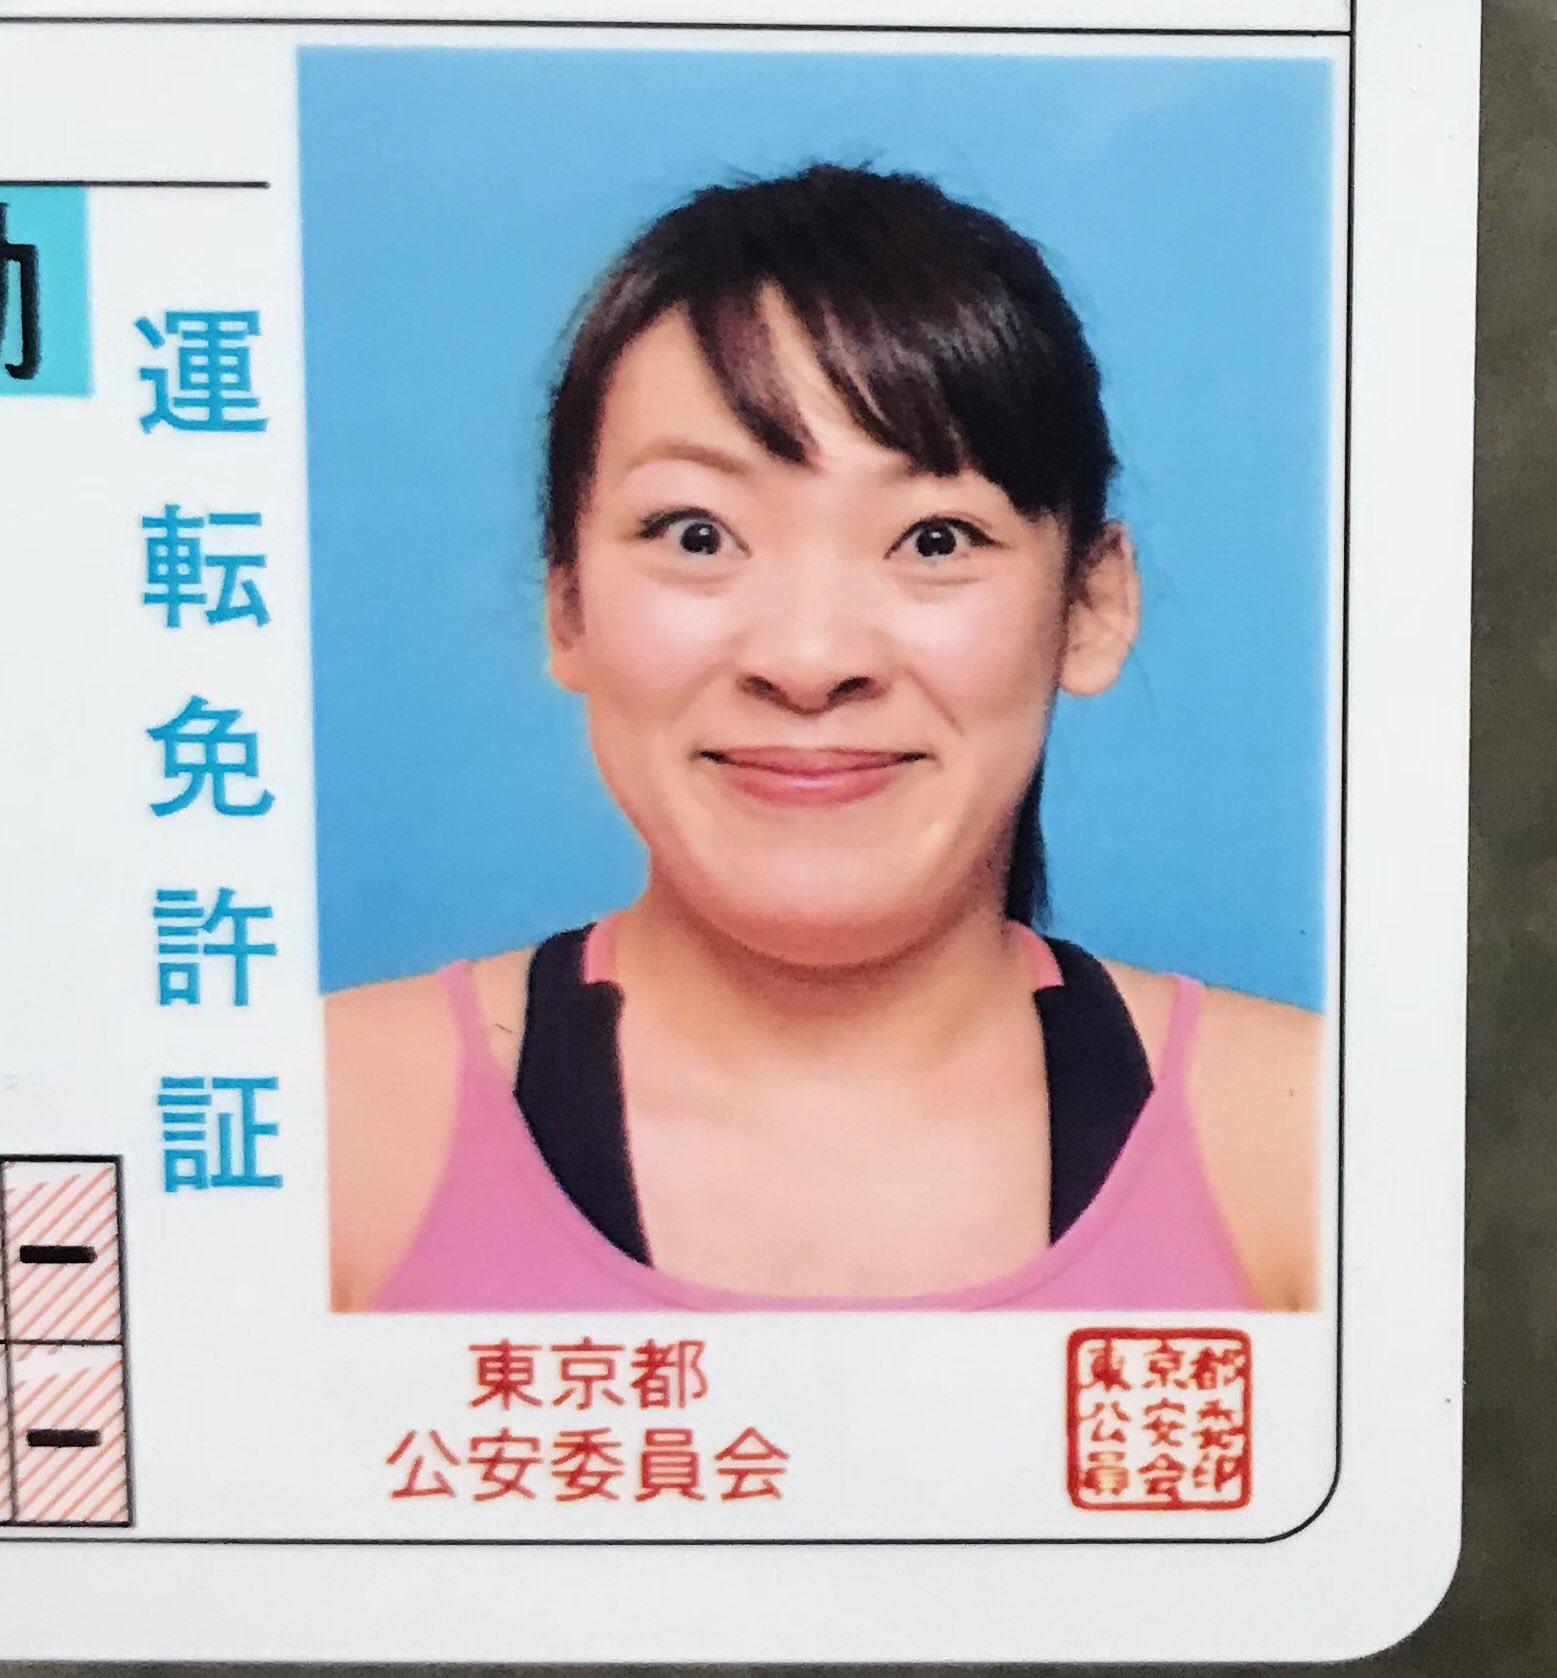 【画像】フワちゃんの免許写真ww